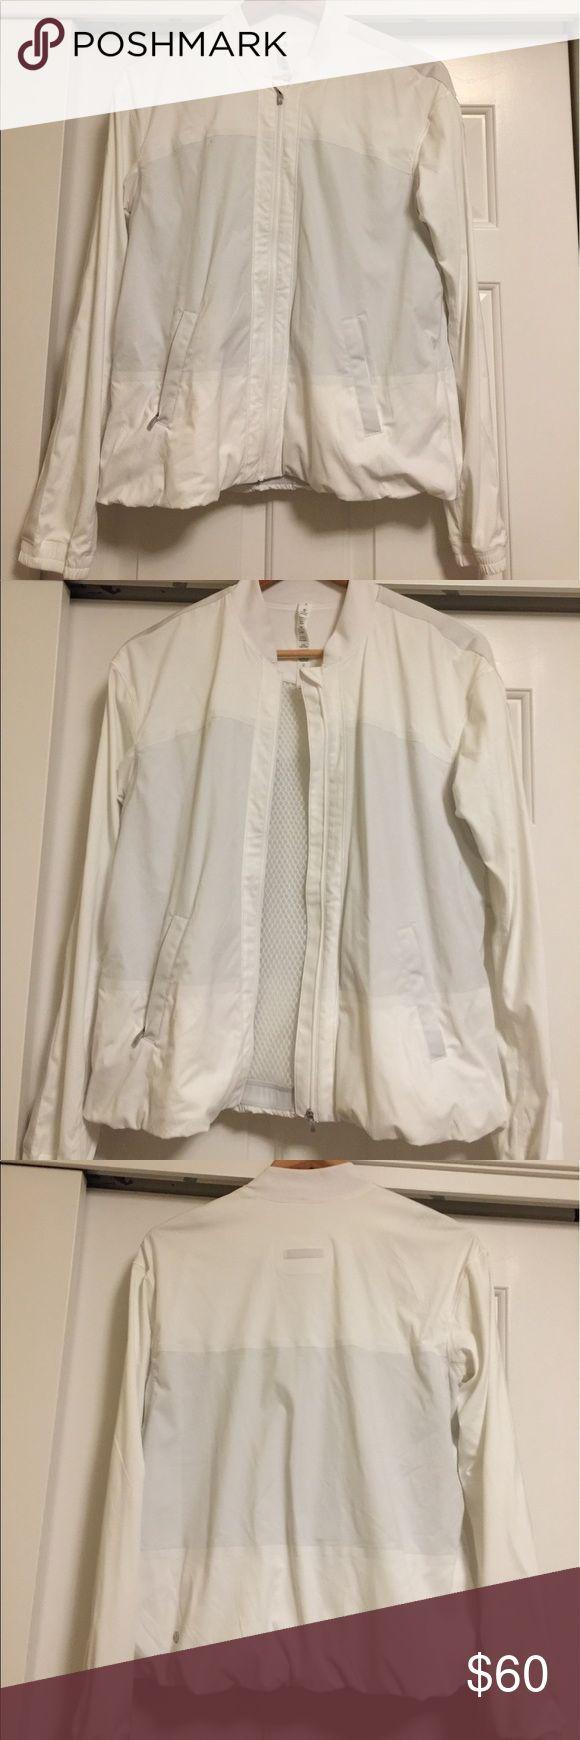 SALE Gently used Lululemon white zip up jacket sz8 Gently used white lululemon zip up jacket size 8 lululemon athletica Jackets & Coats Utility Jackets